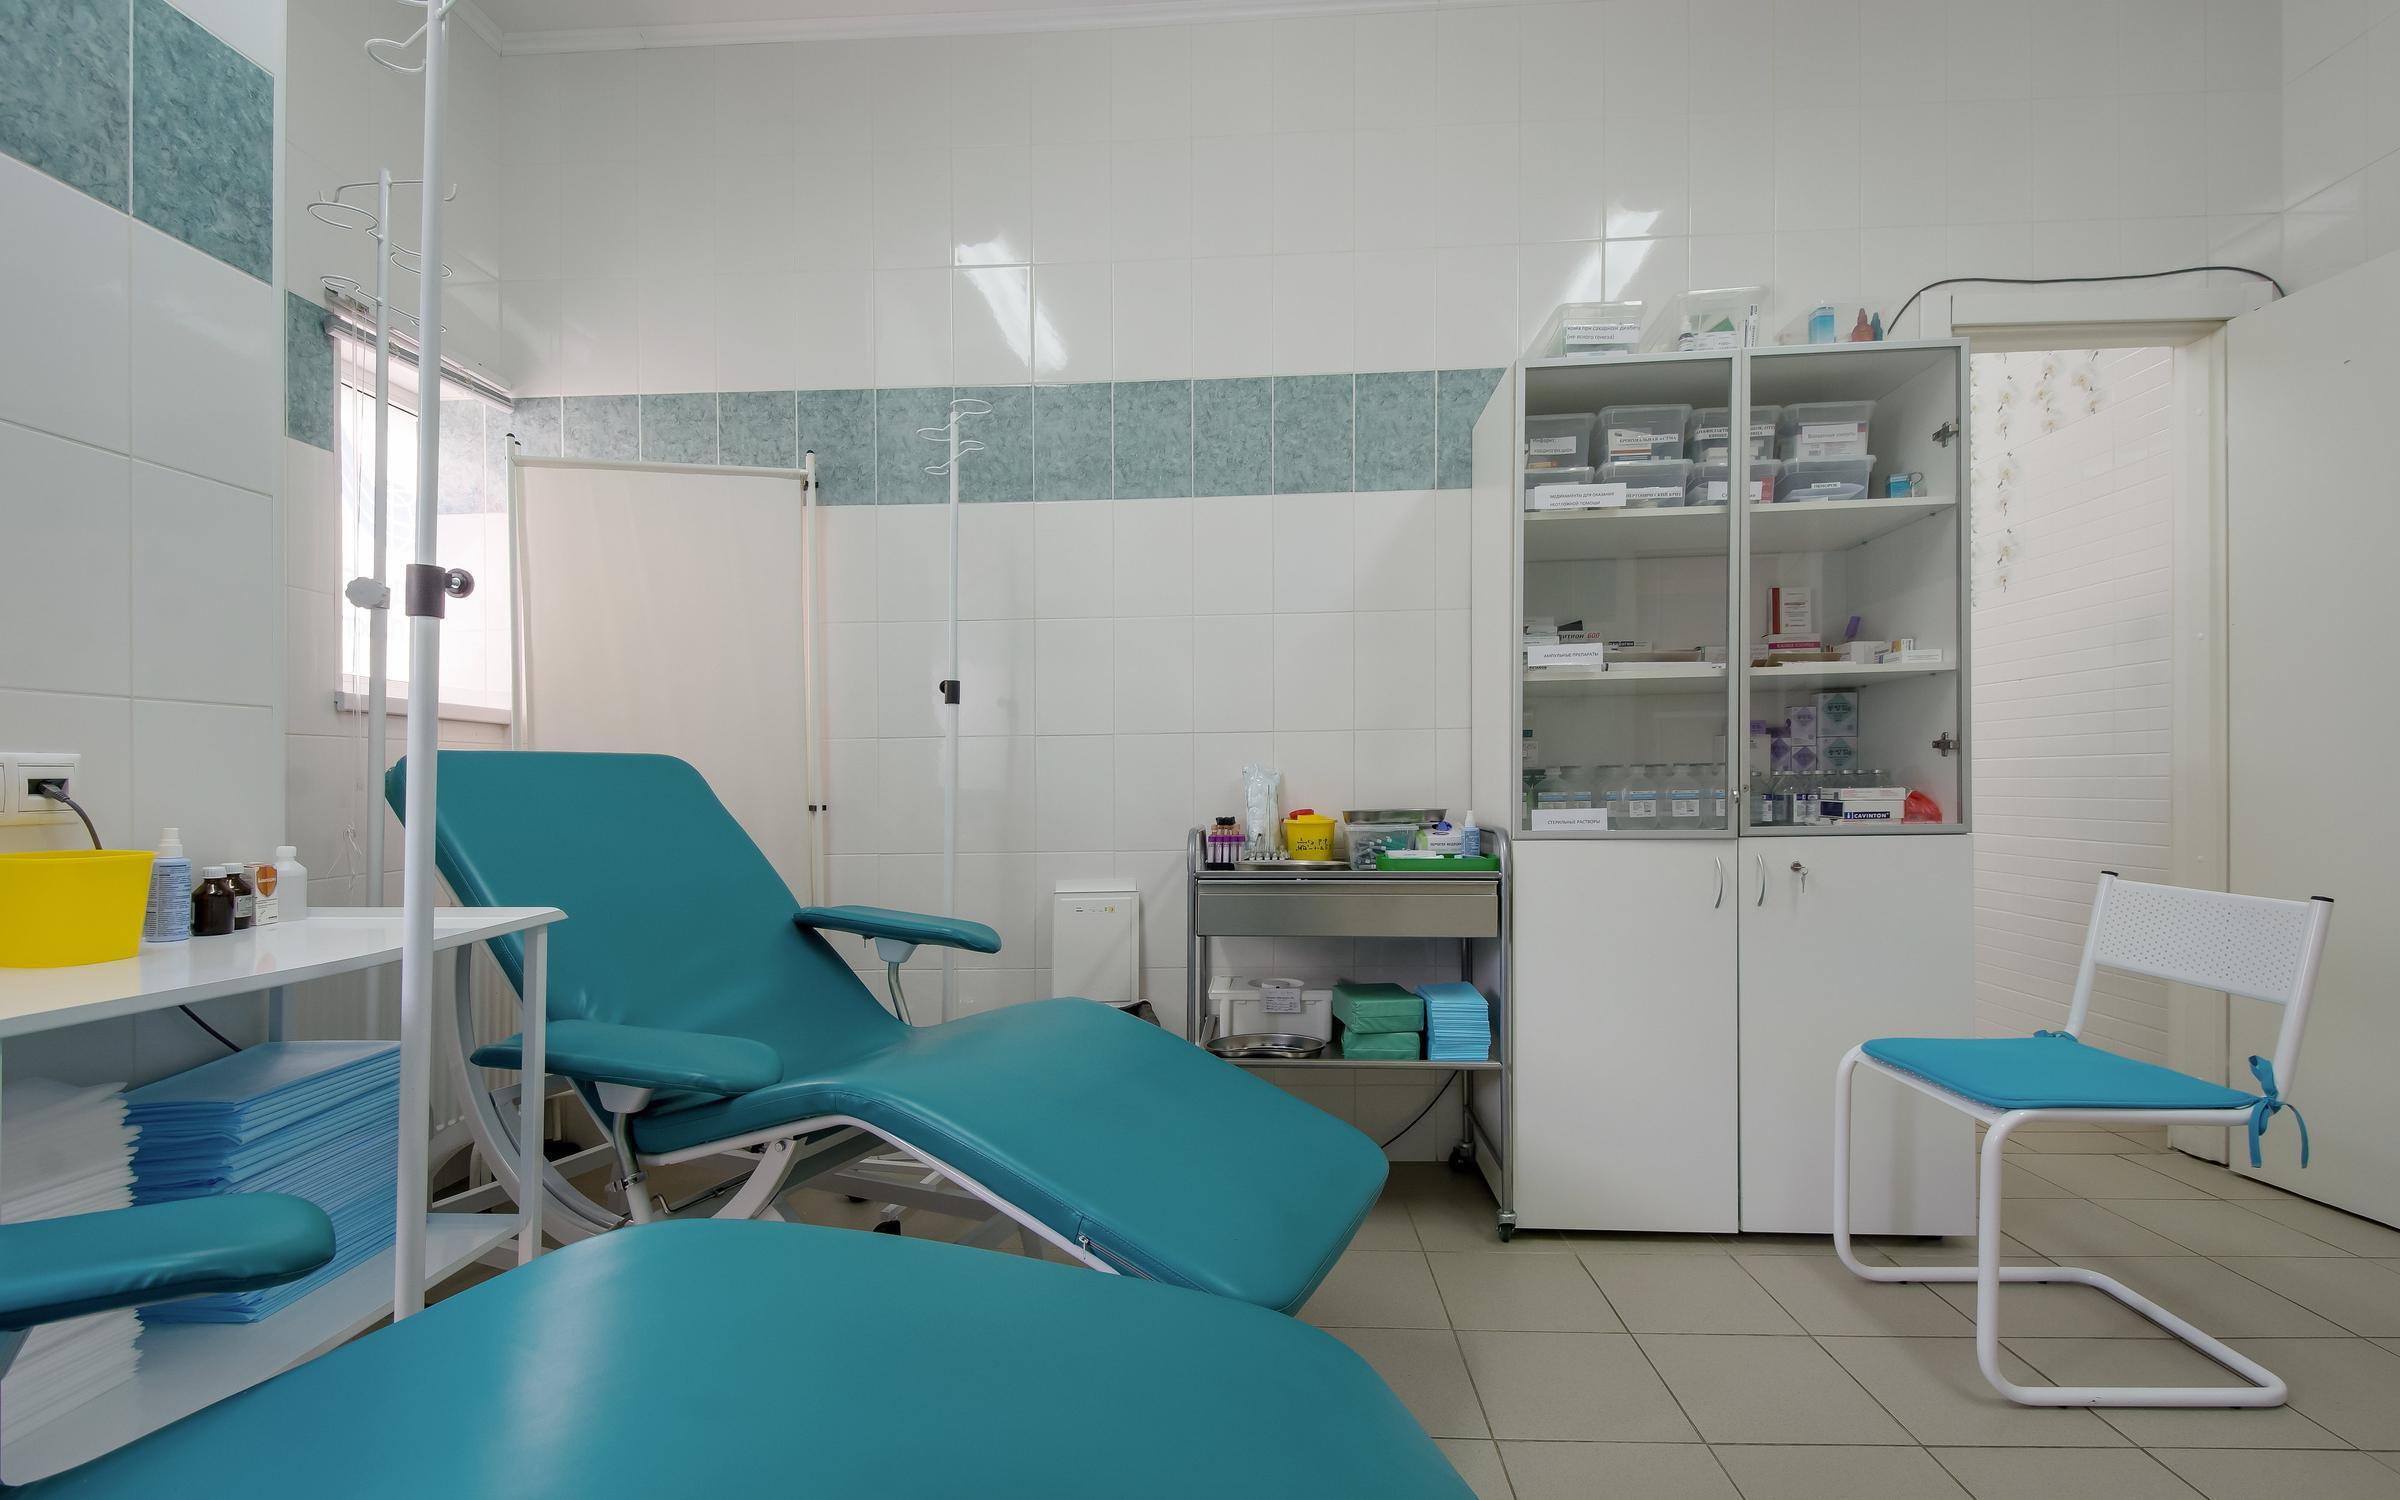 Стоматологическая поликлиника в невинномысске менделеева